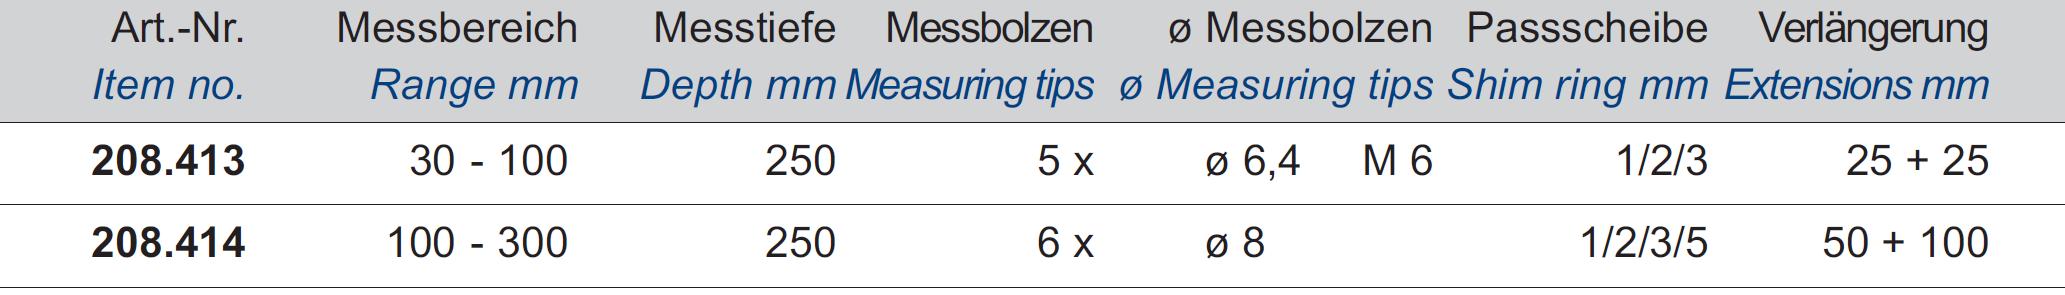 Innen-Feinmessgerät mit Messuhr - Großer Messbereich